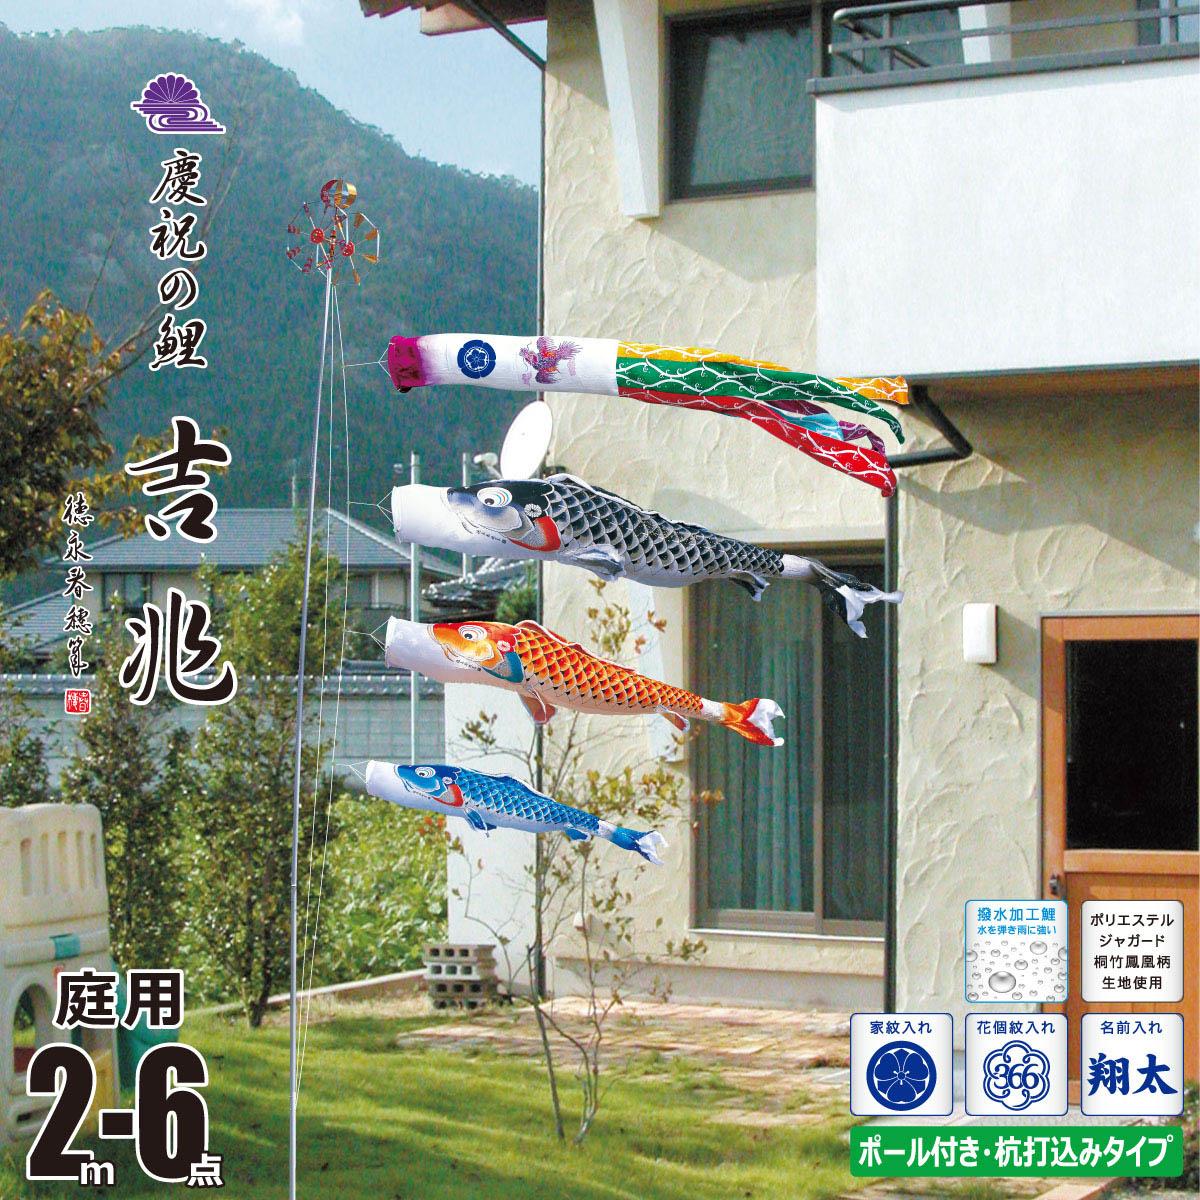 こいのぼり 2m 吉兆 6点 (矢車、ロープ、吹流し、鯉3匹) 庭園用 ガーデンセット (専用ポール一式) 徳永鯉のぼり KIT-118-350